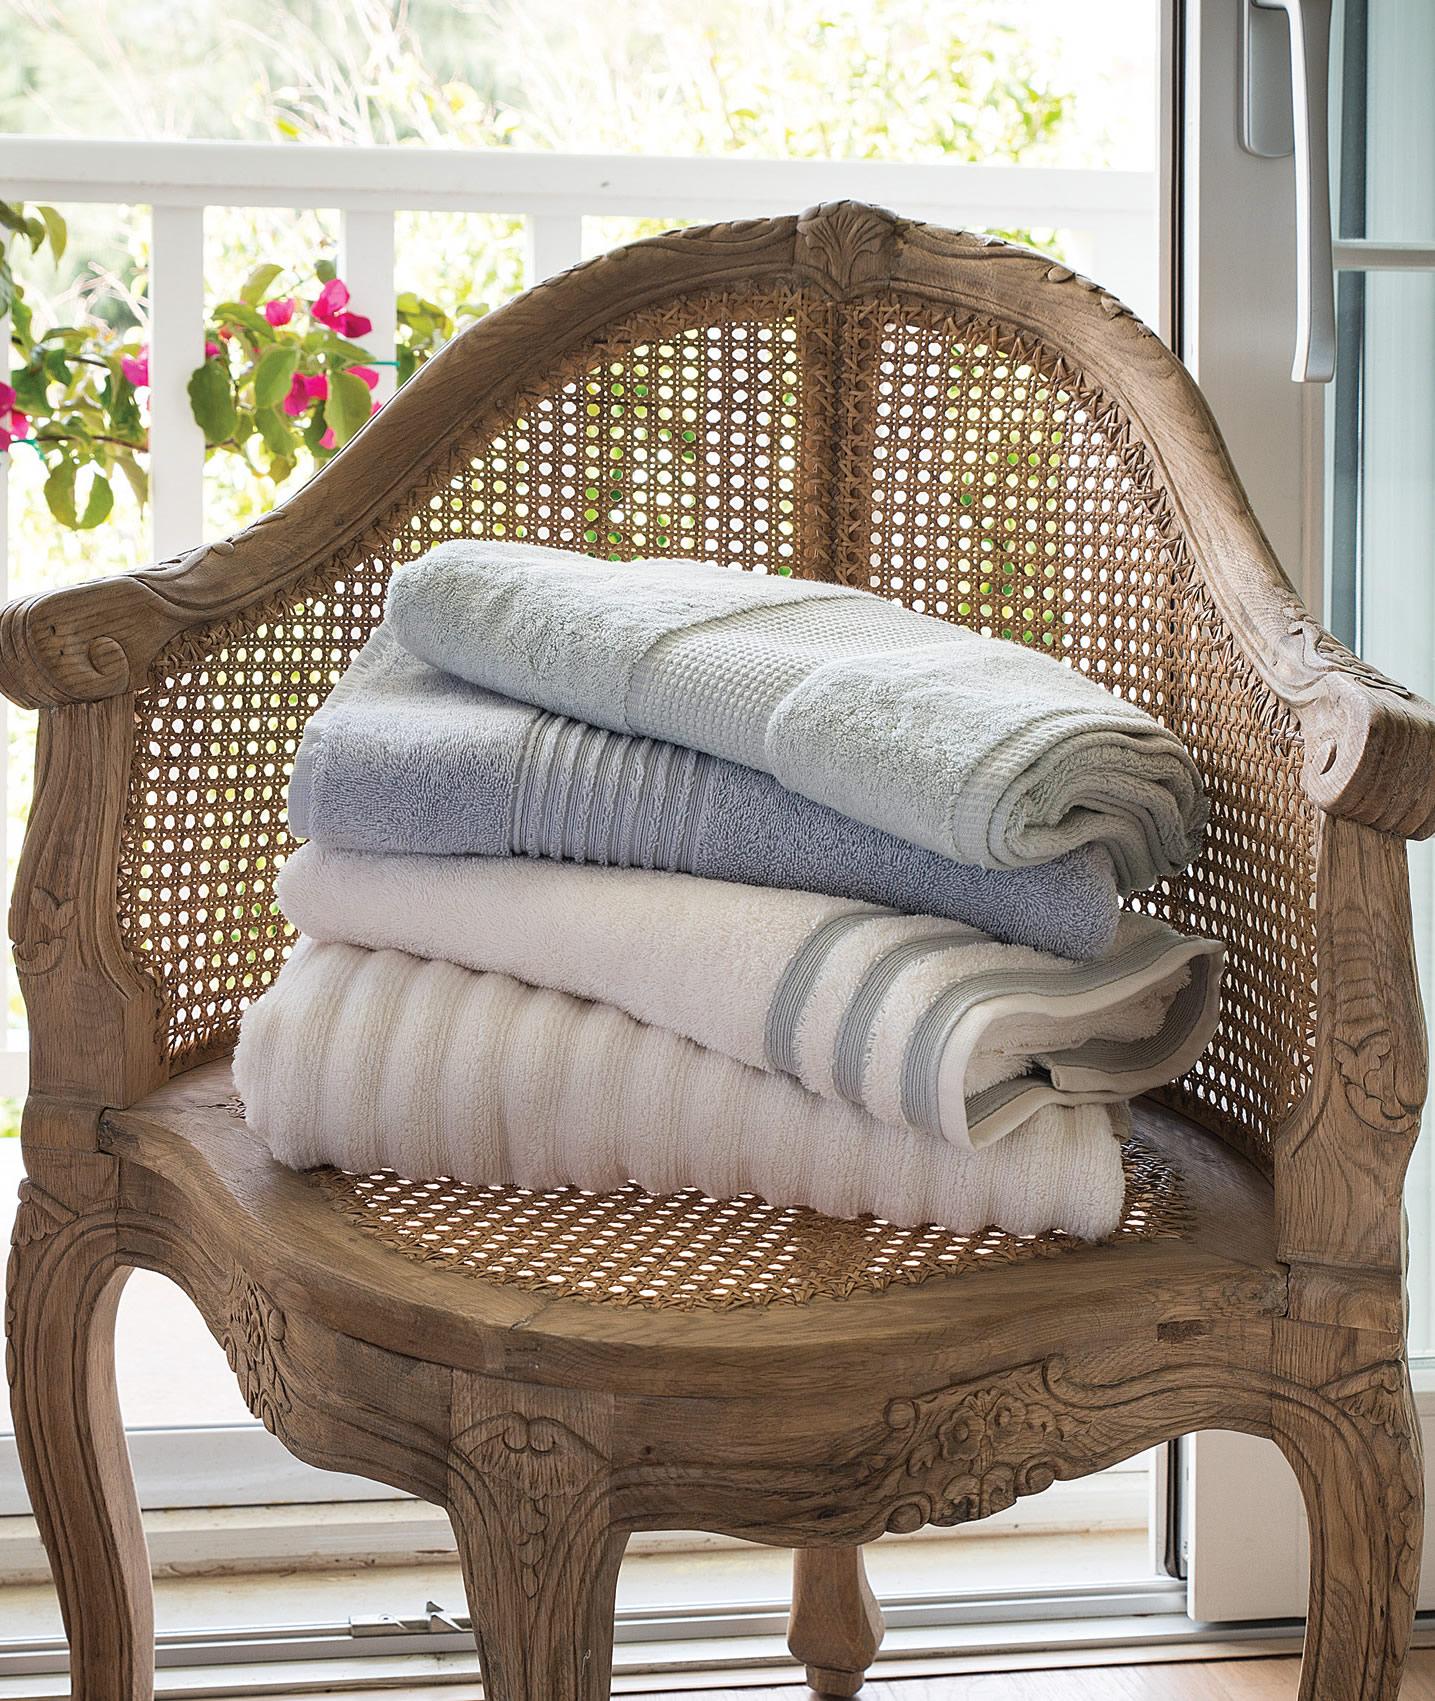 Kapak Towels